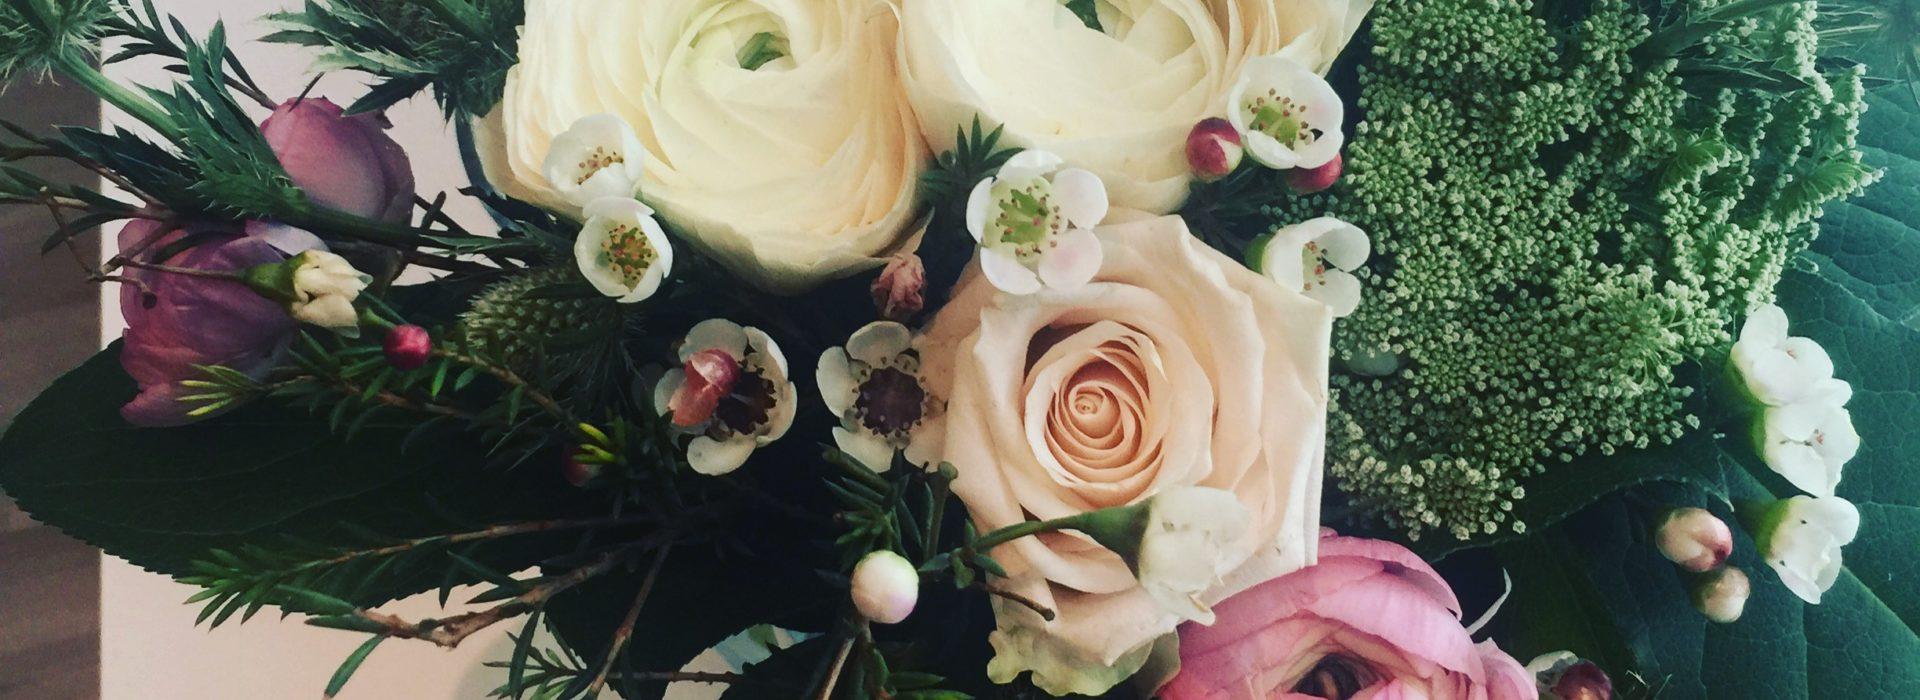 Kukat osana sisustusta